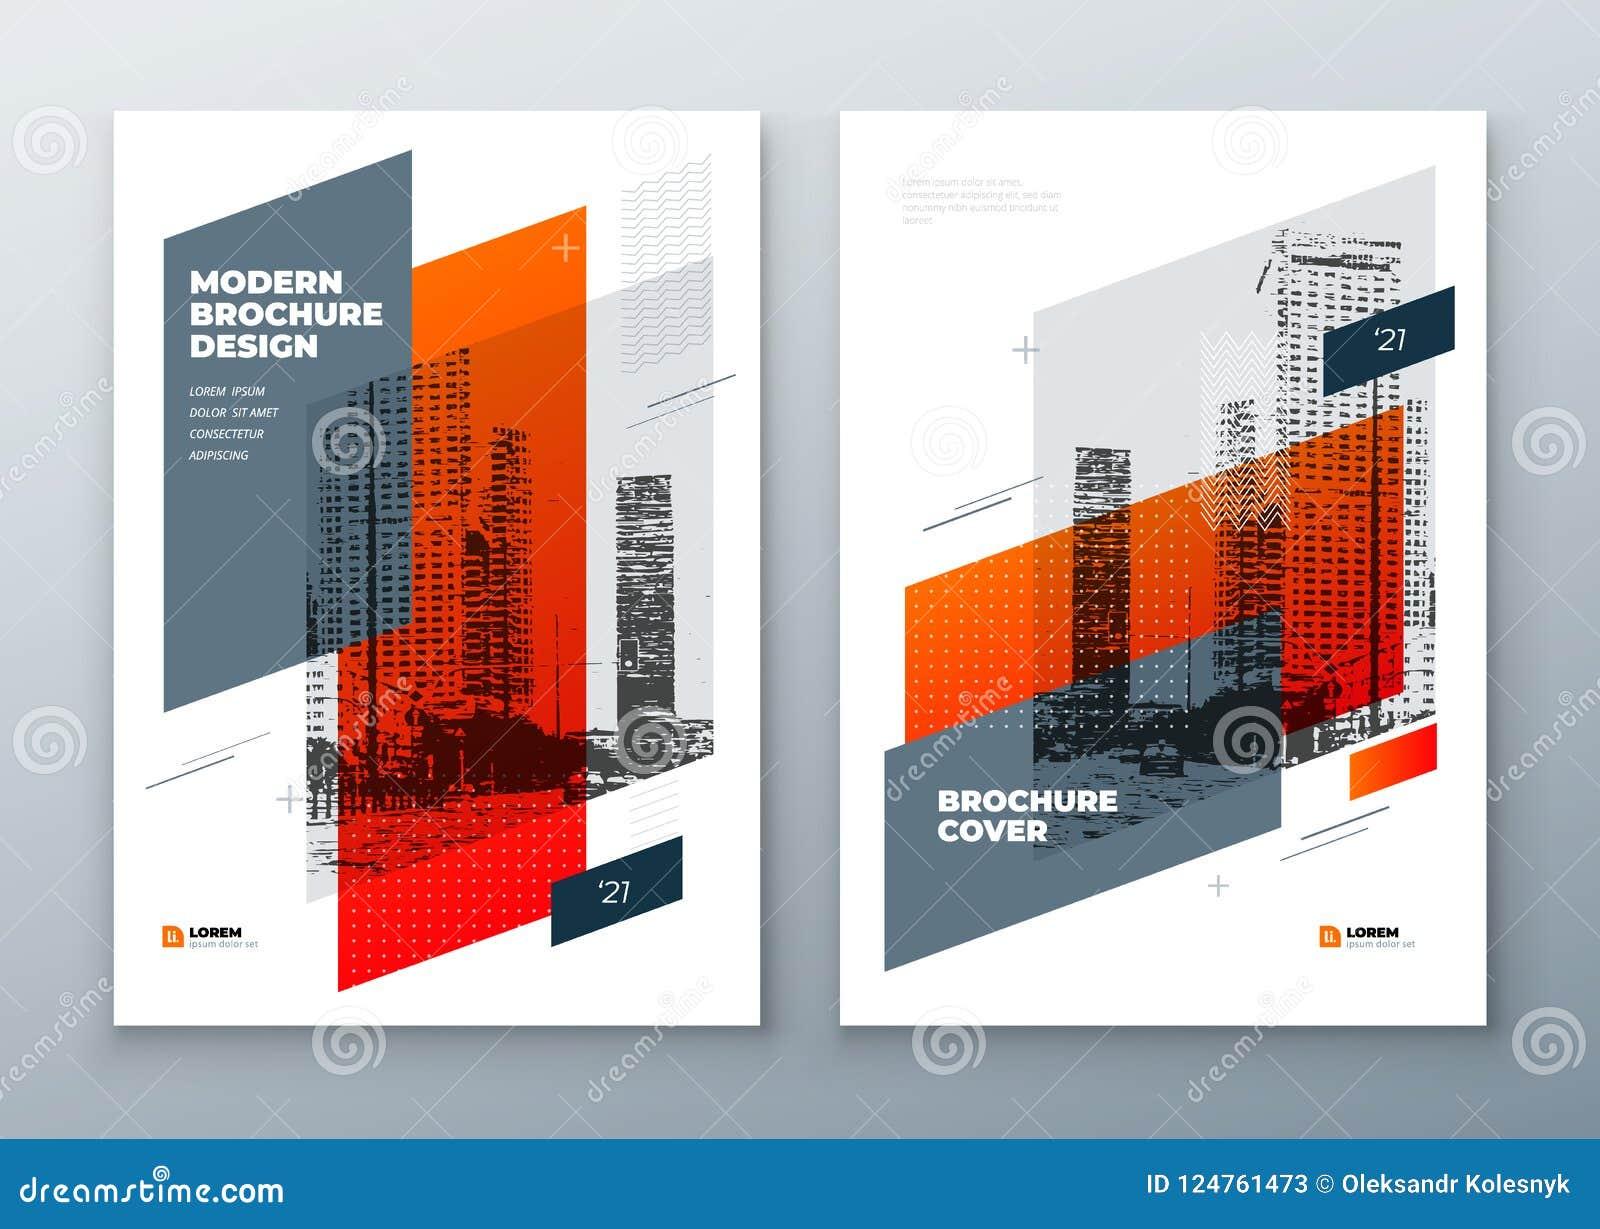 Broschürenschablonen-Plandesign Firmenkundengeschäftjahresbericht, Katalog, Zeitschrift, Broschüre, Fliegermodell kreativ